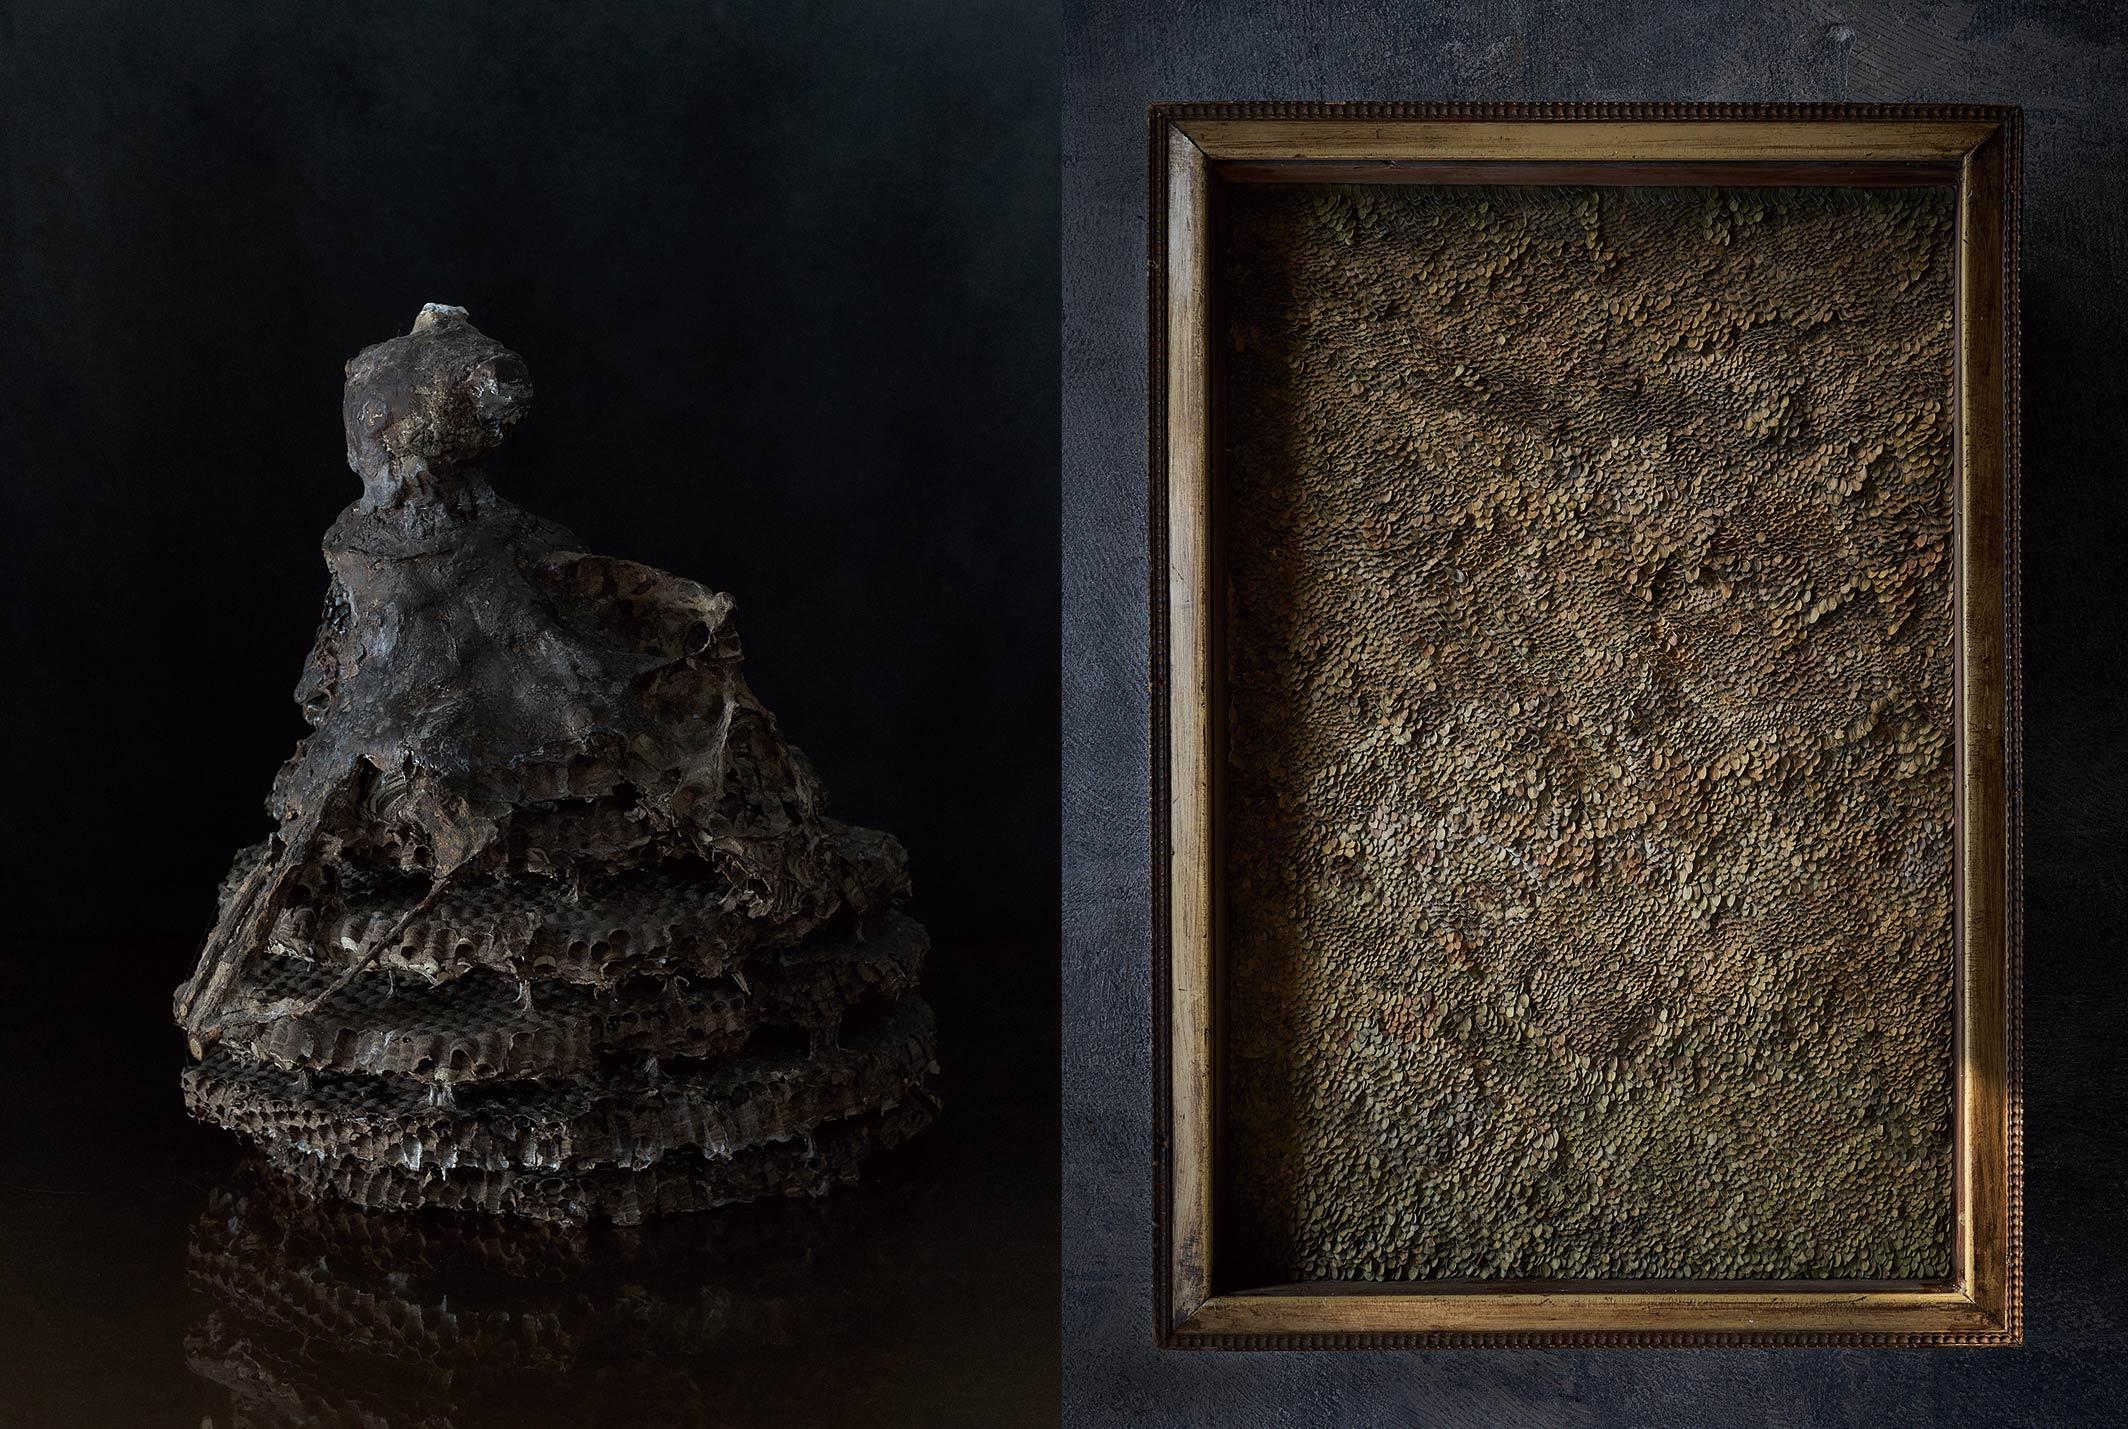 作品名:左「森の大精霊」右「森の信仰」